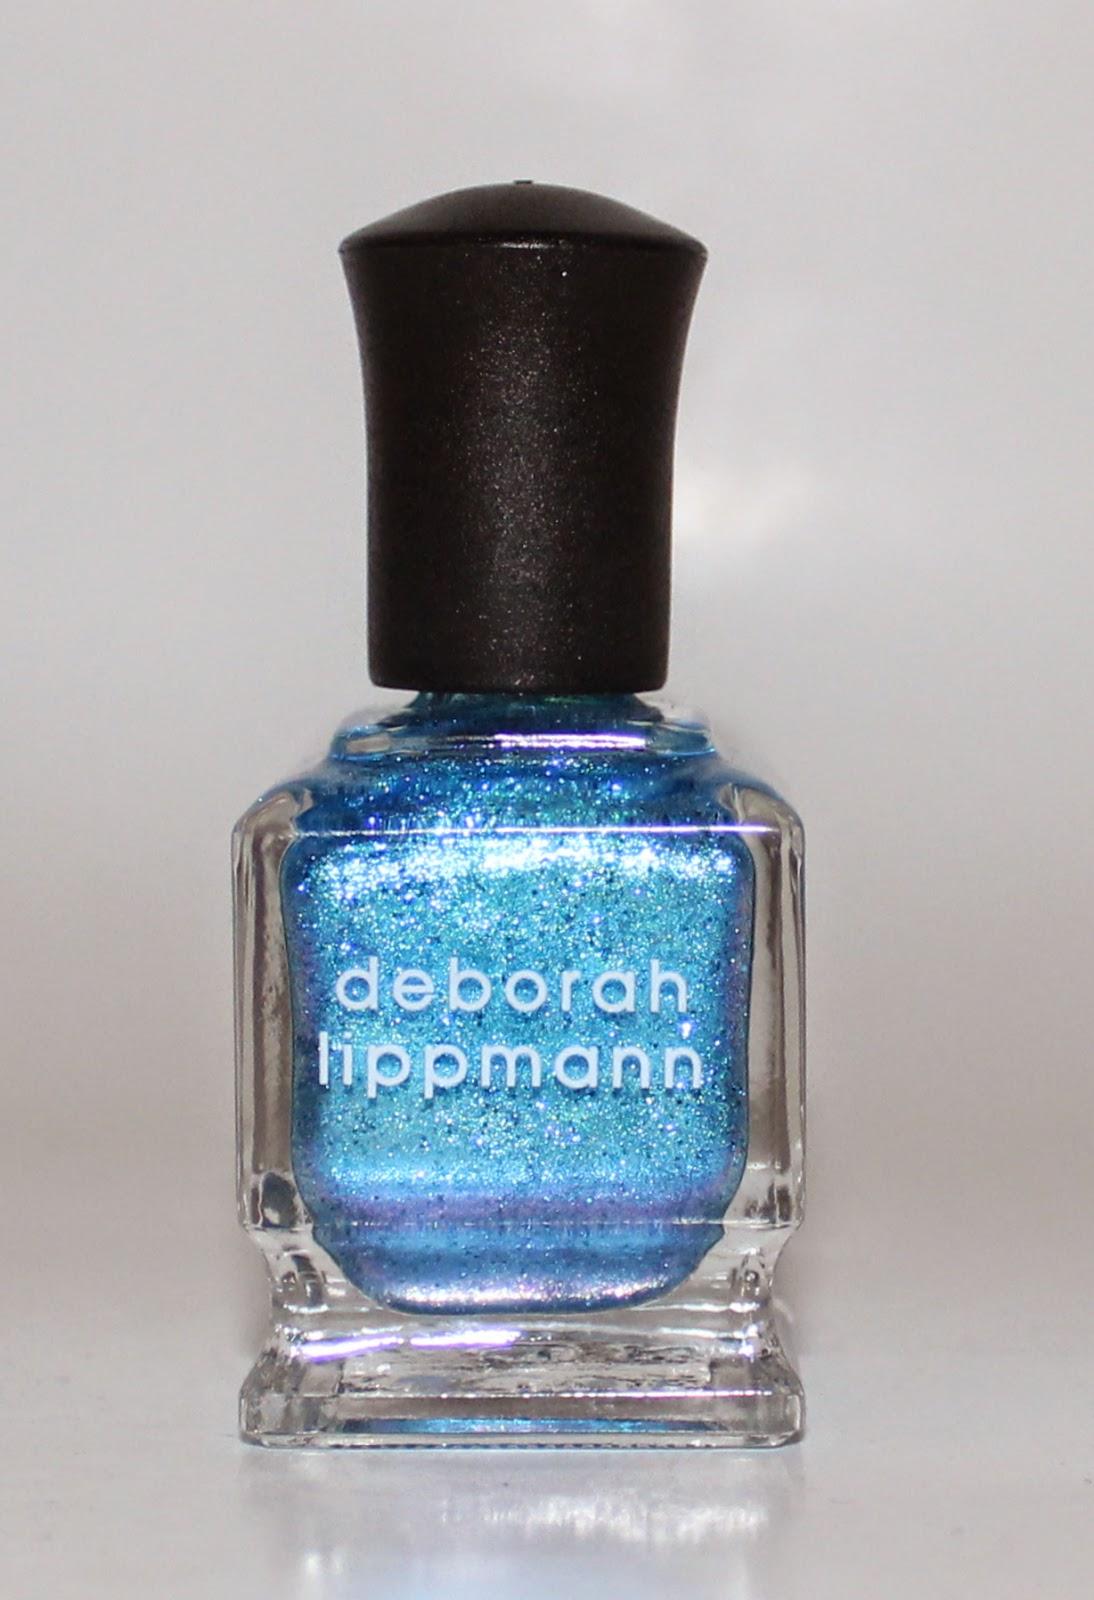 Deborah Lippmann's Xanadu